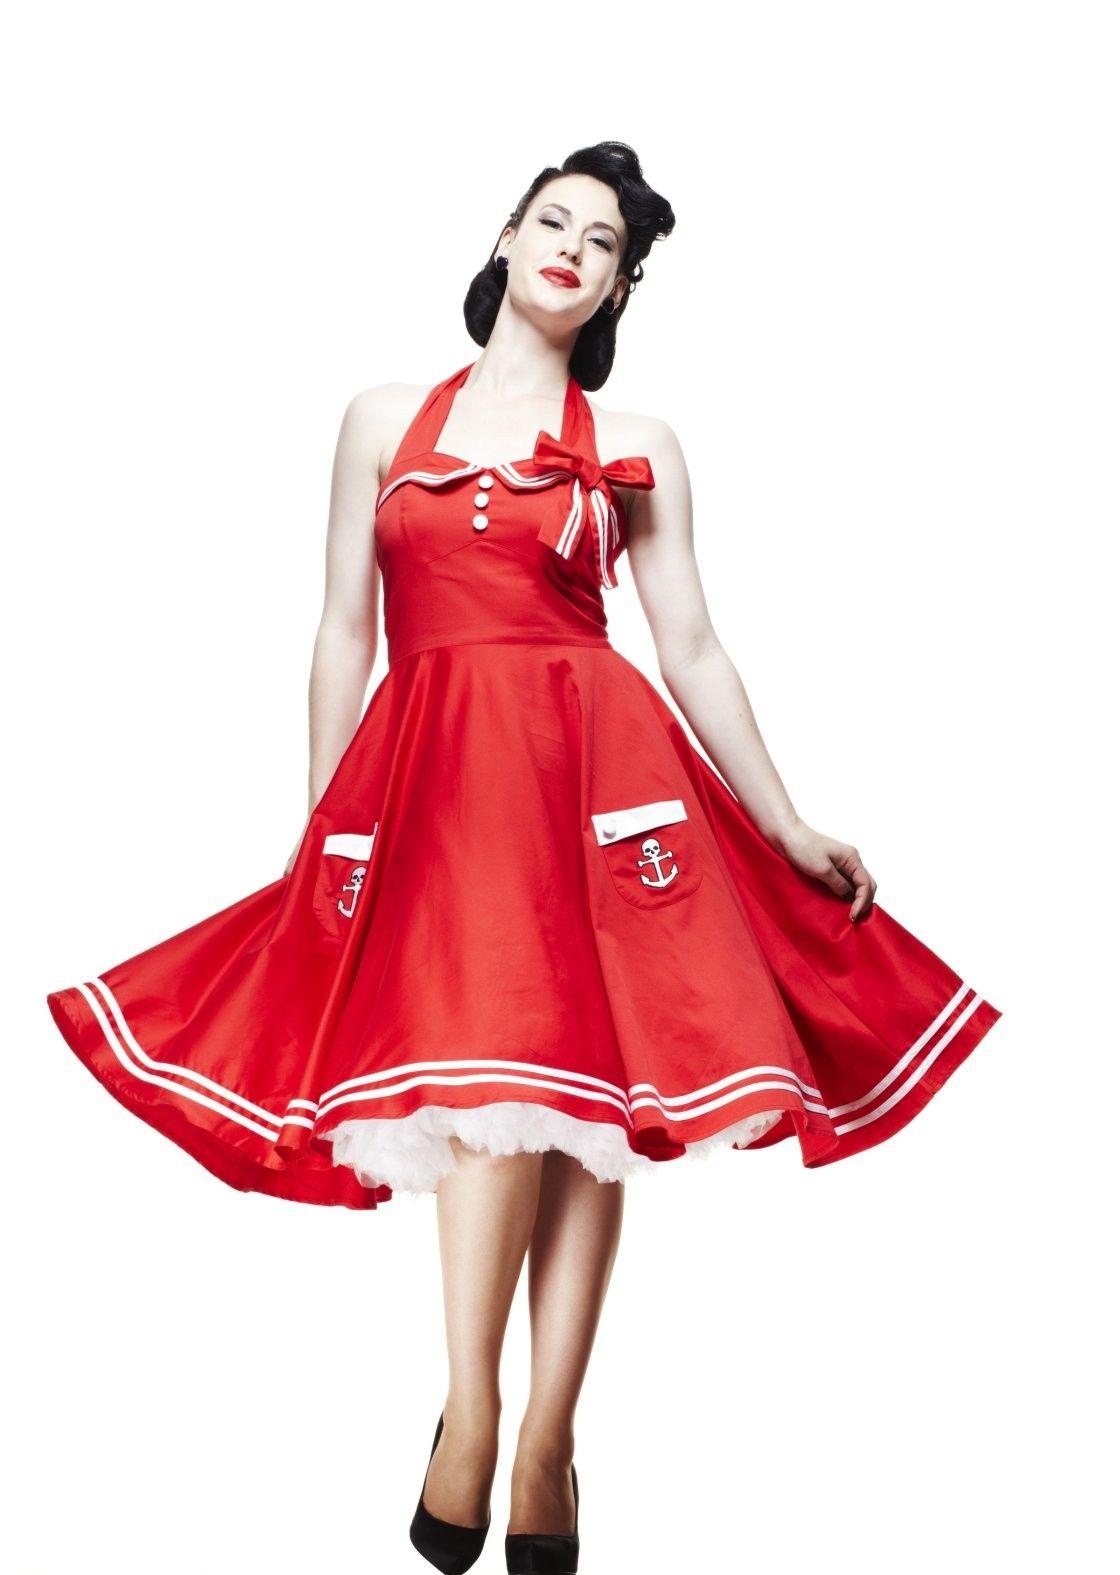 Belldandy.fr vetements rétro 50s, boutique rétro 50s, style rétro 50s, mode rétro 50s, rétro années 50, année 50, shop rétro 50s, mode année \u2026